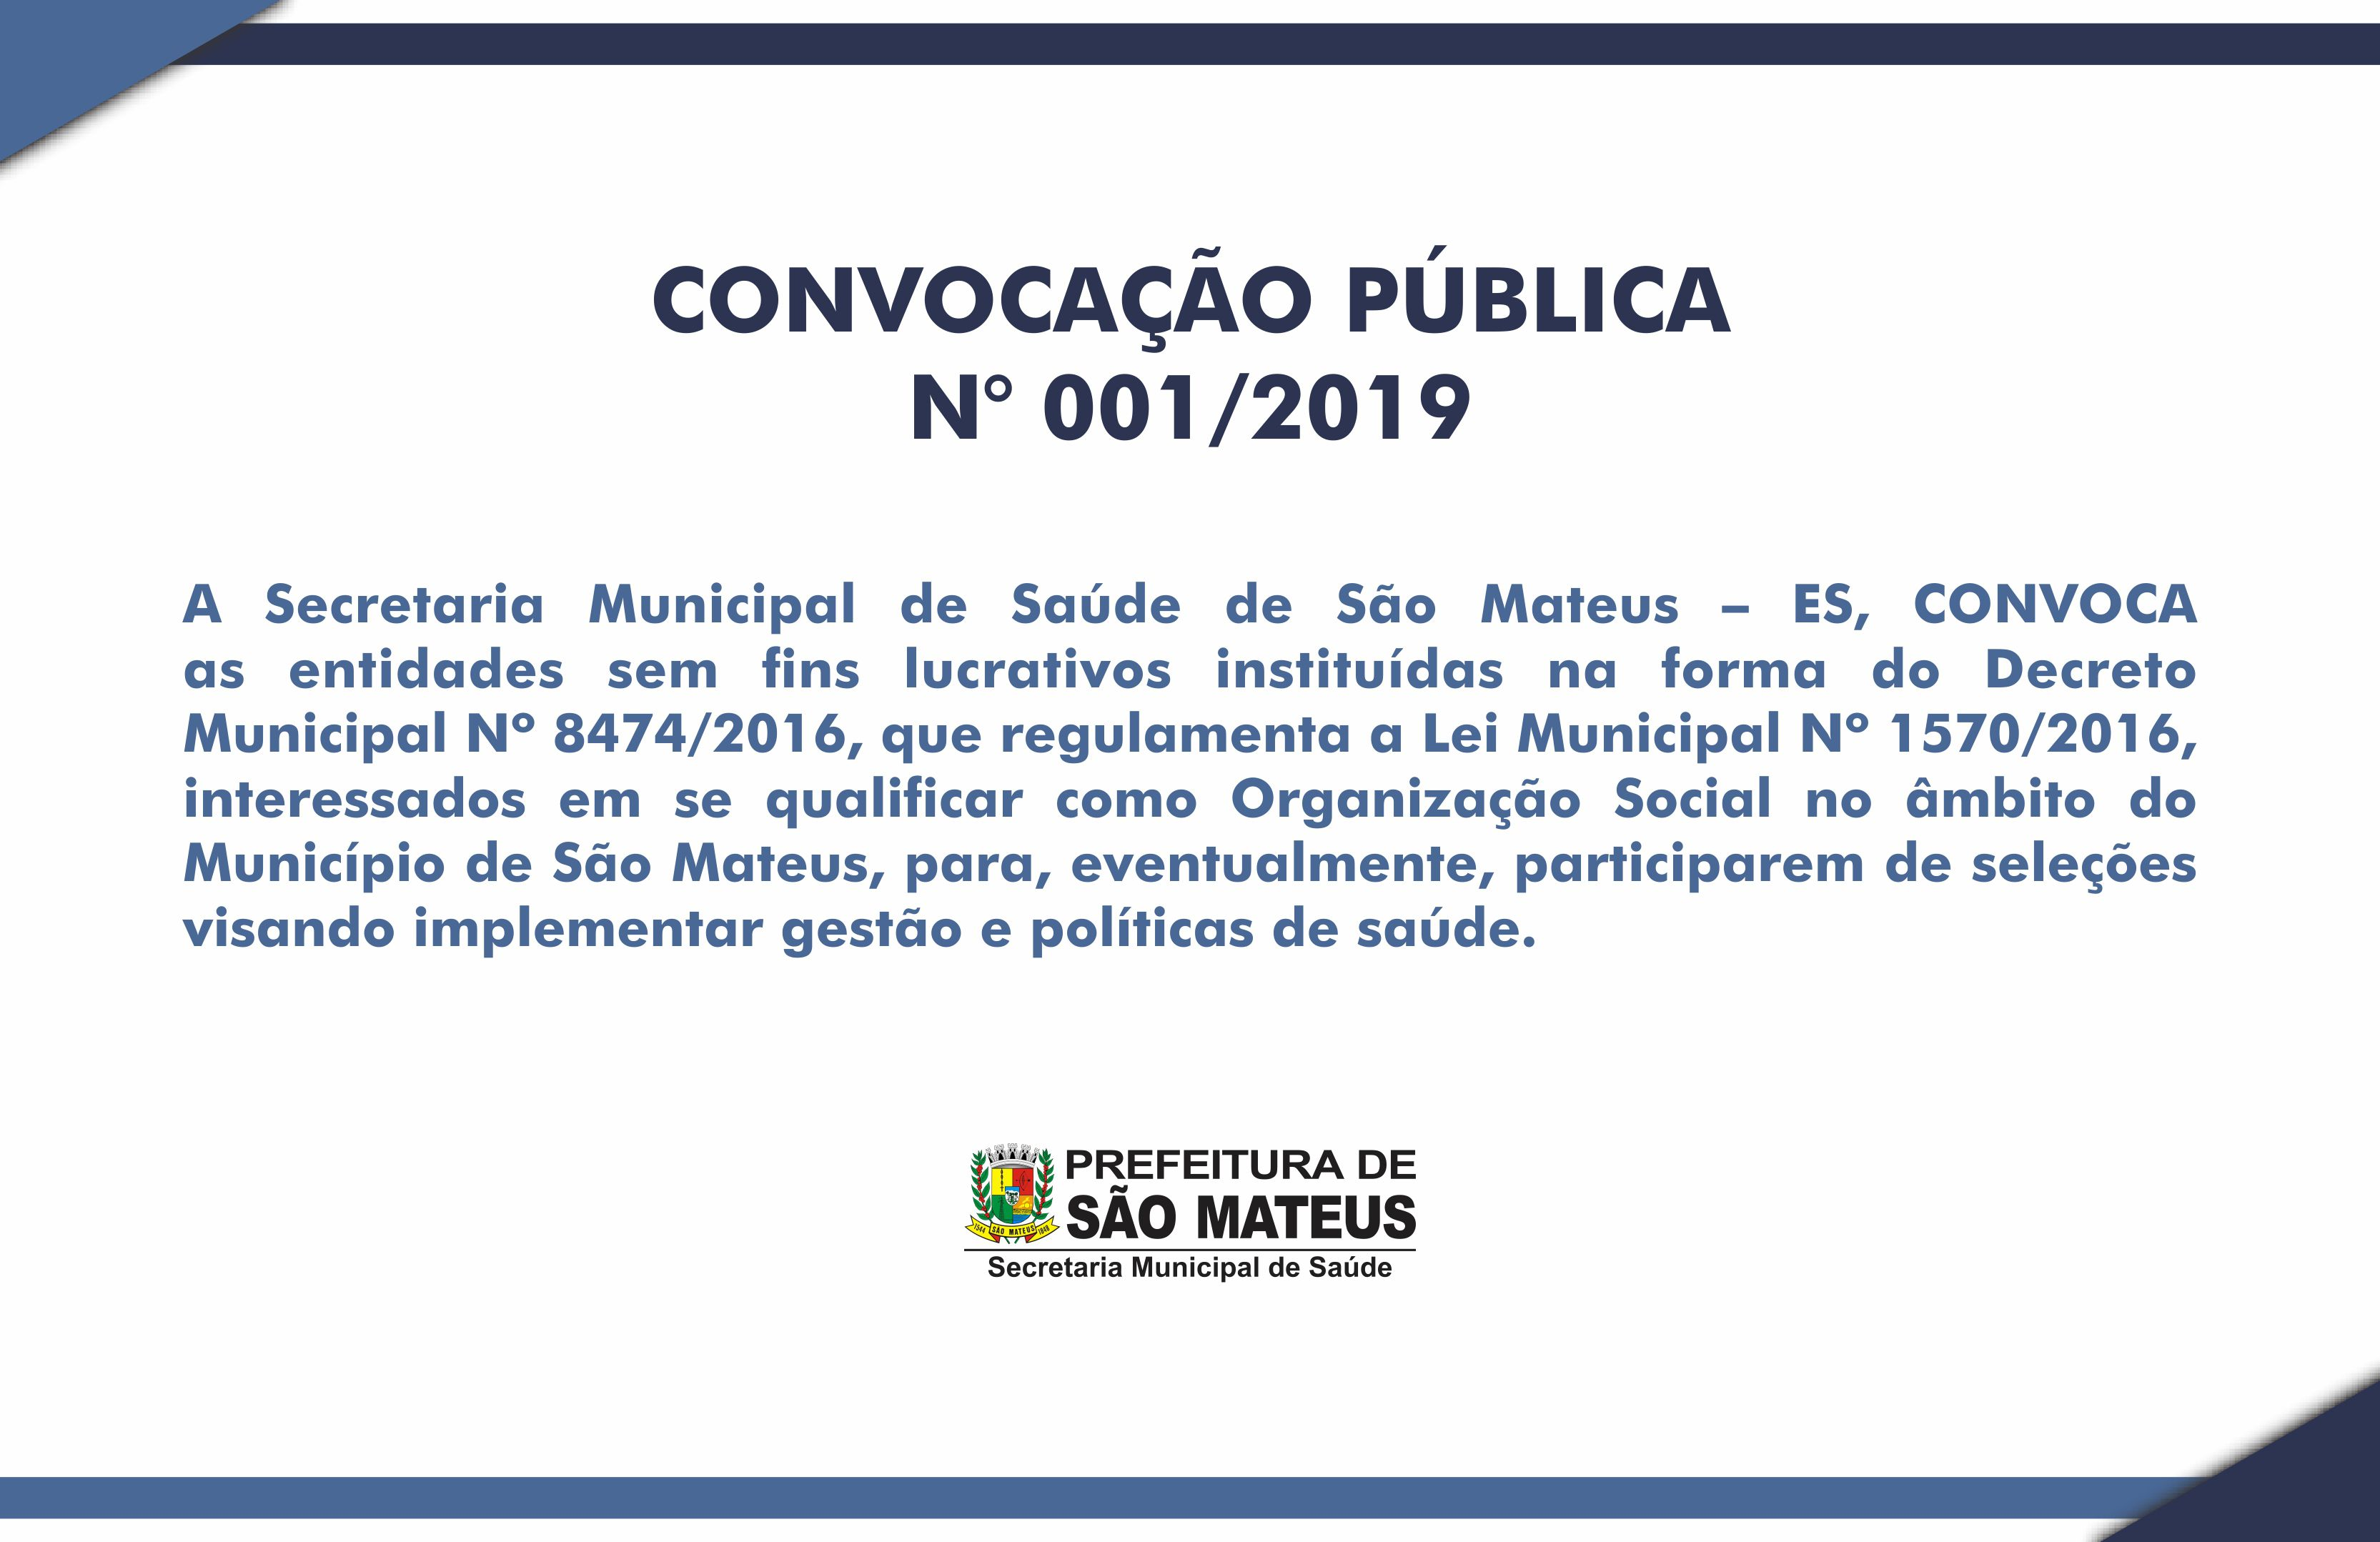 Secretaria Municipal de Saúde CONVOCA entidades sem fins lucrativos instituídas na forma do Decreto Municipal Nº 8474/2016, que regulamenta a Lei Municipal Nº 1570/2016